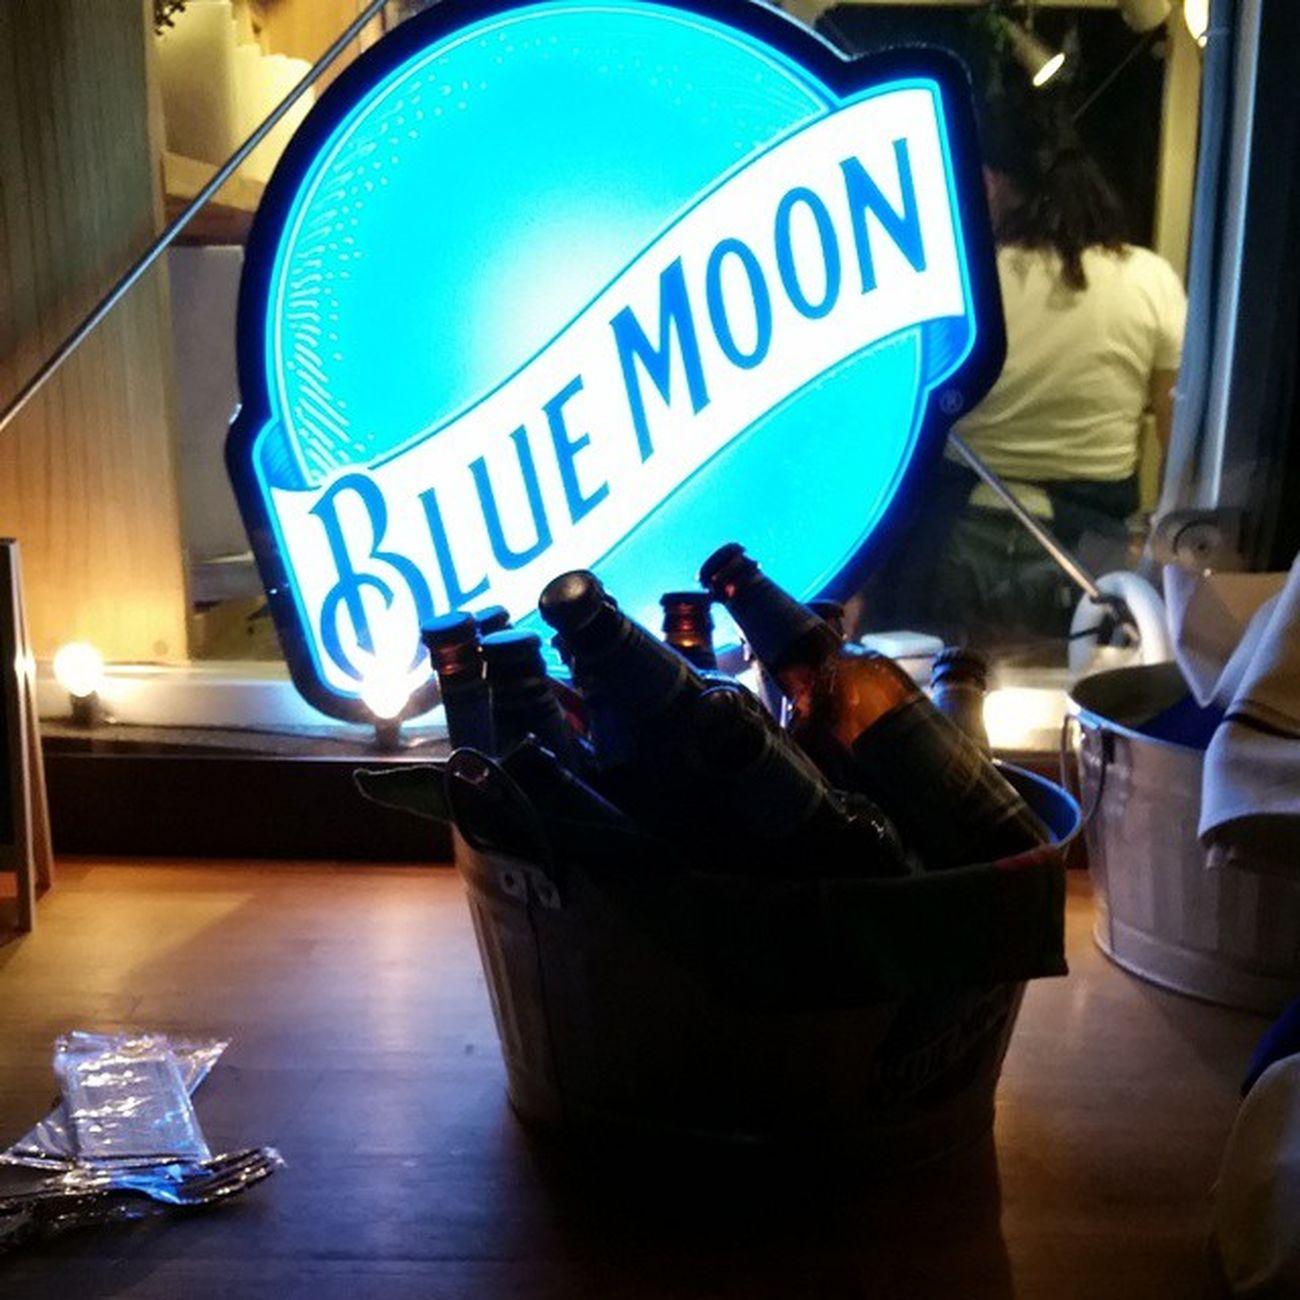 私の好きなビールが売ってた♡ビール苦手な私でも飲めるやつ?✴フラペチーノじゃなくこっちにすれば良かったってちょっと後悔? OMOHARABEERFOREST Bluemoon